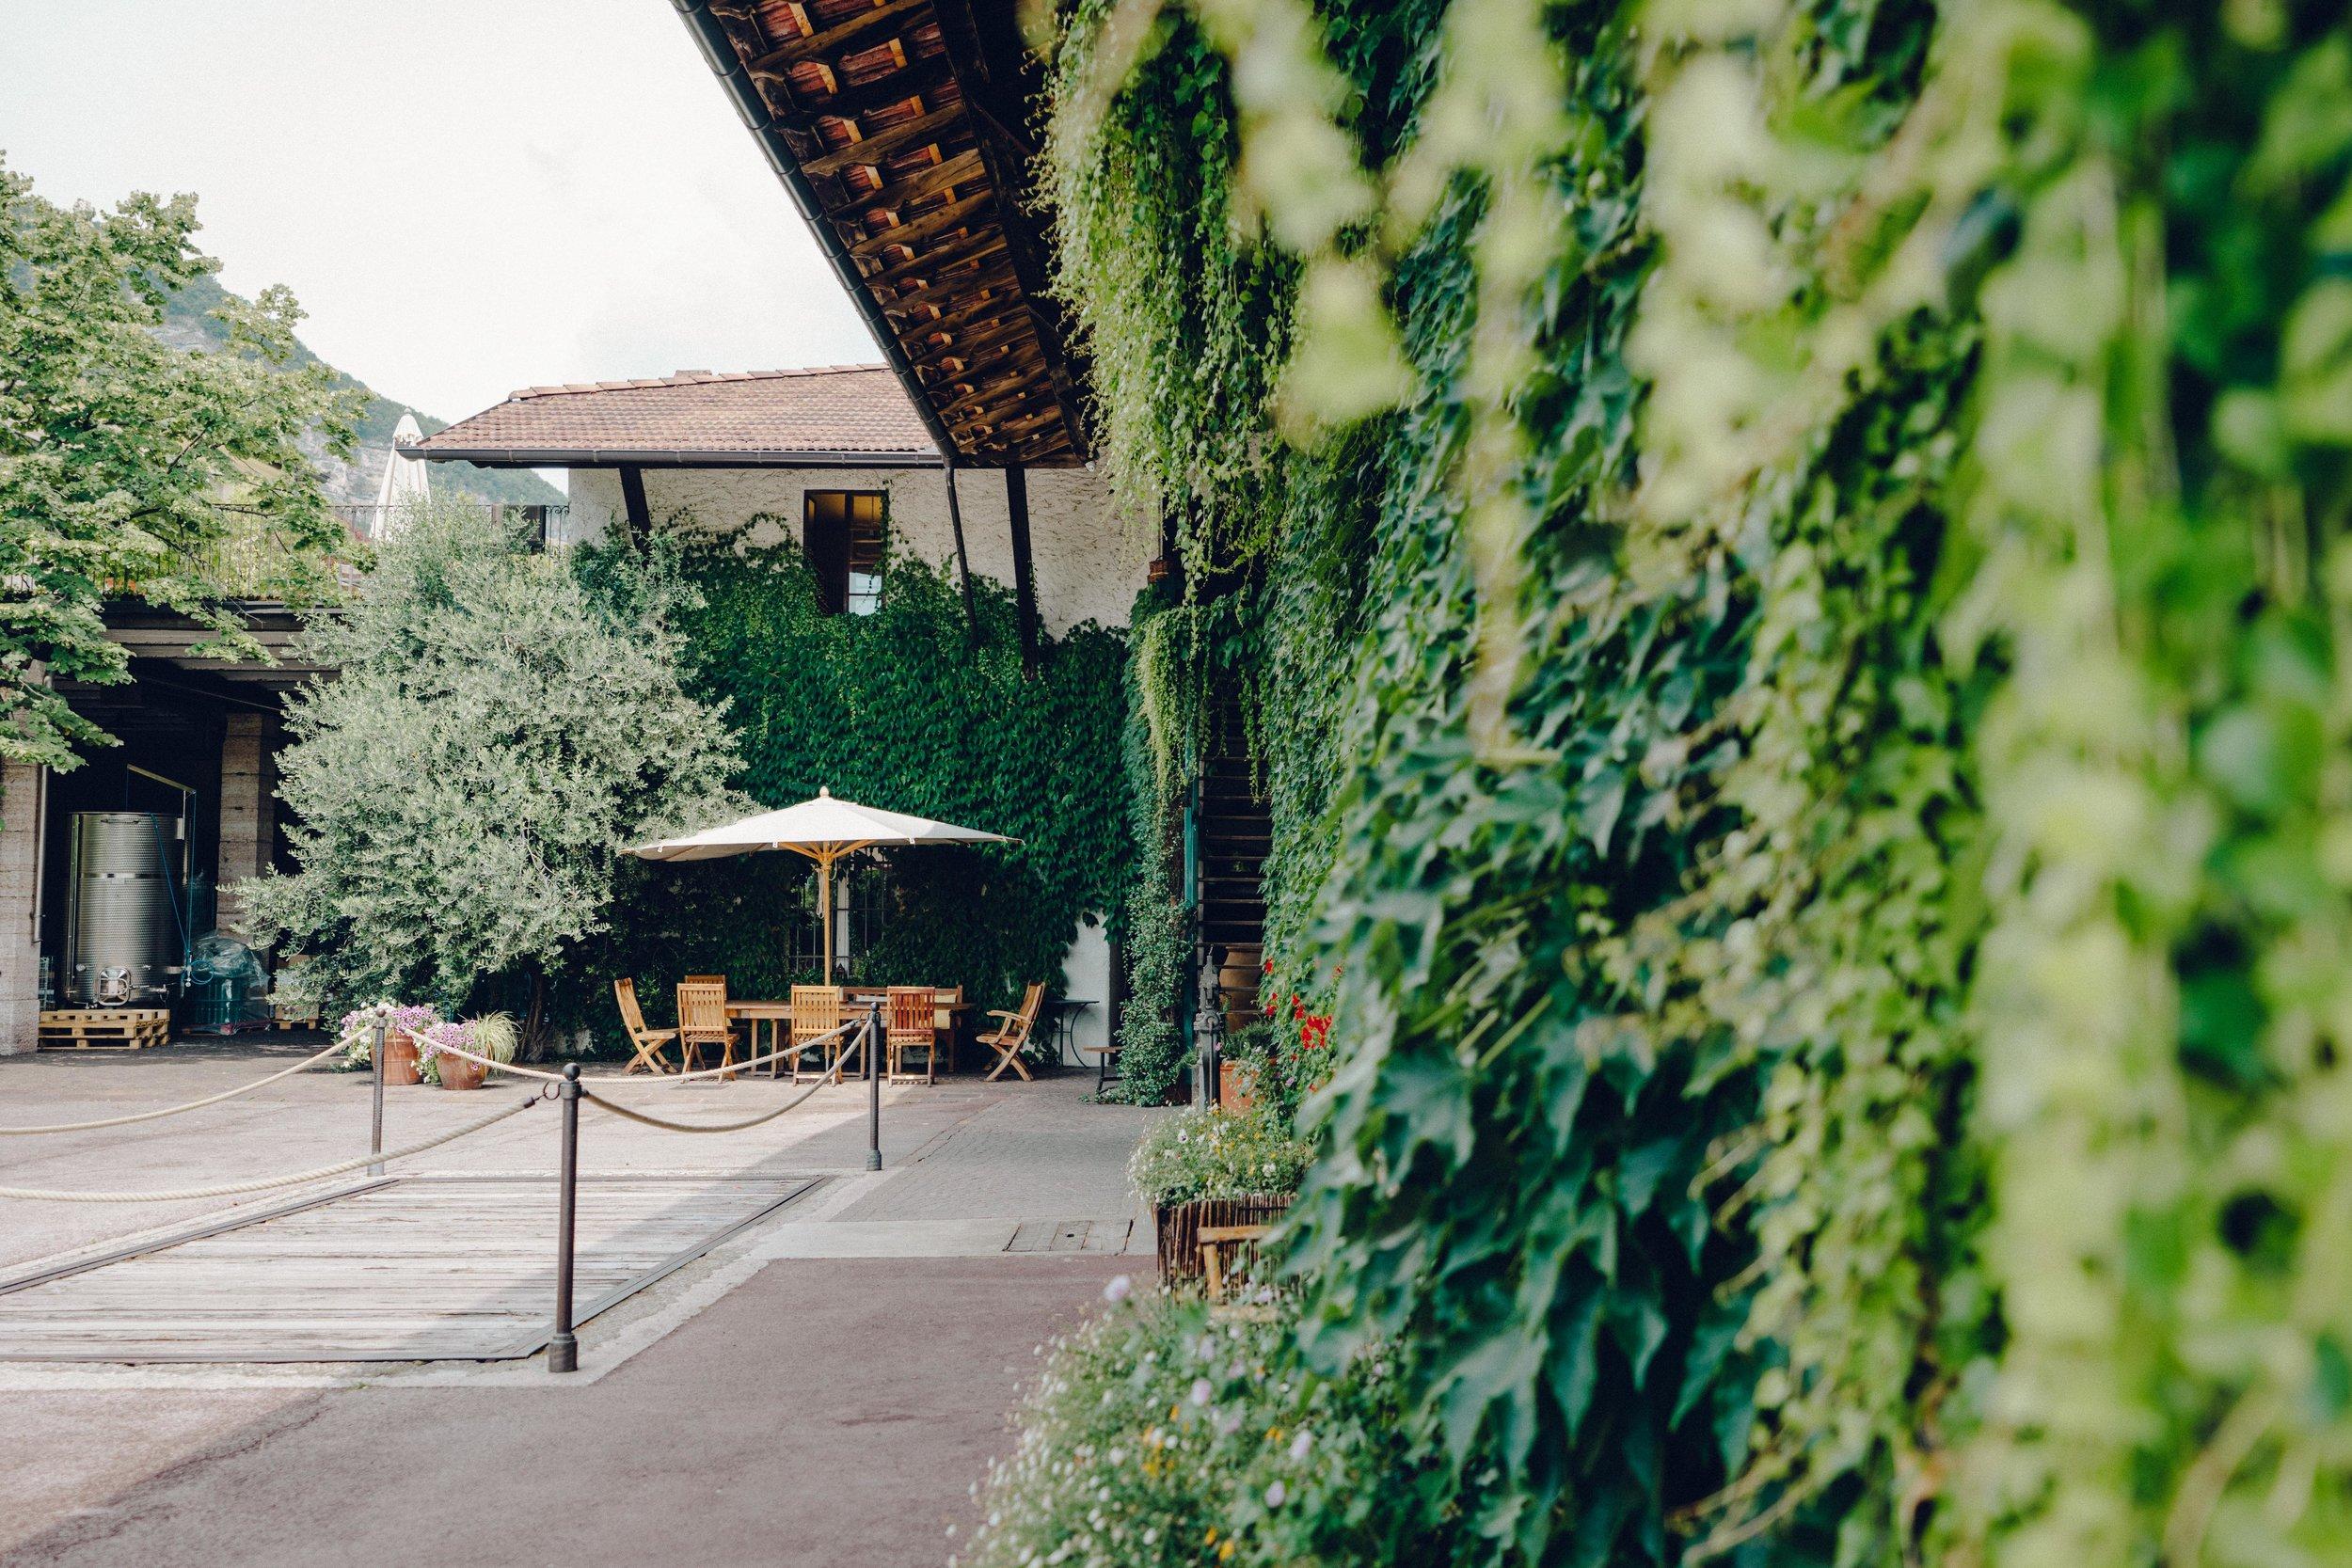 ASROSENVINGE_Italy_Roadtrip_Italy-06624.jpg